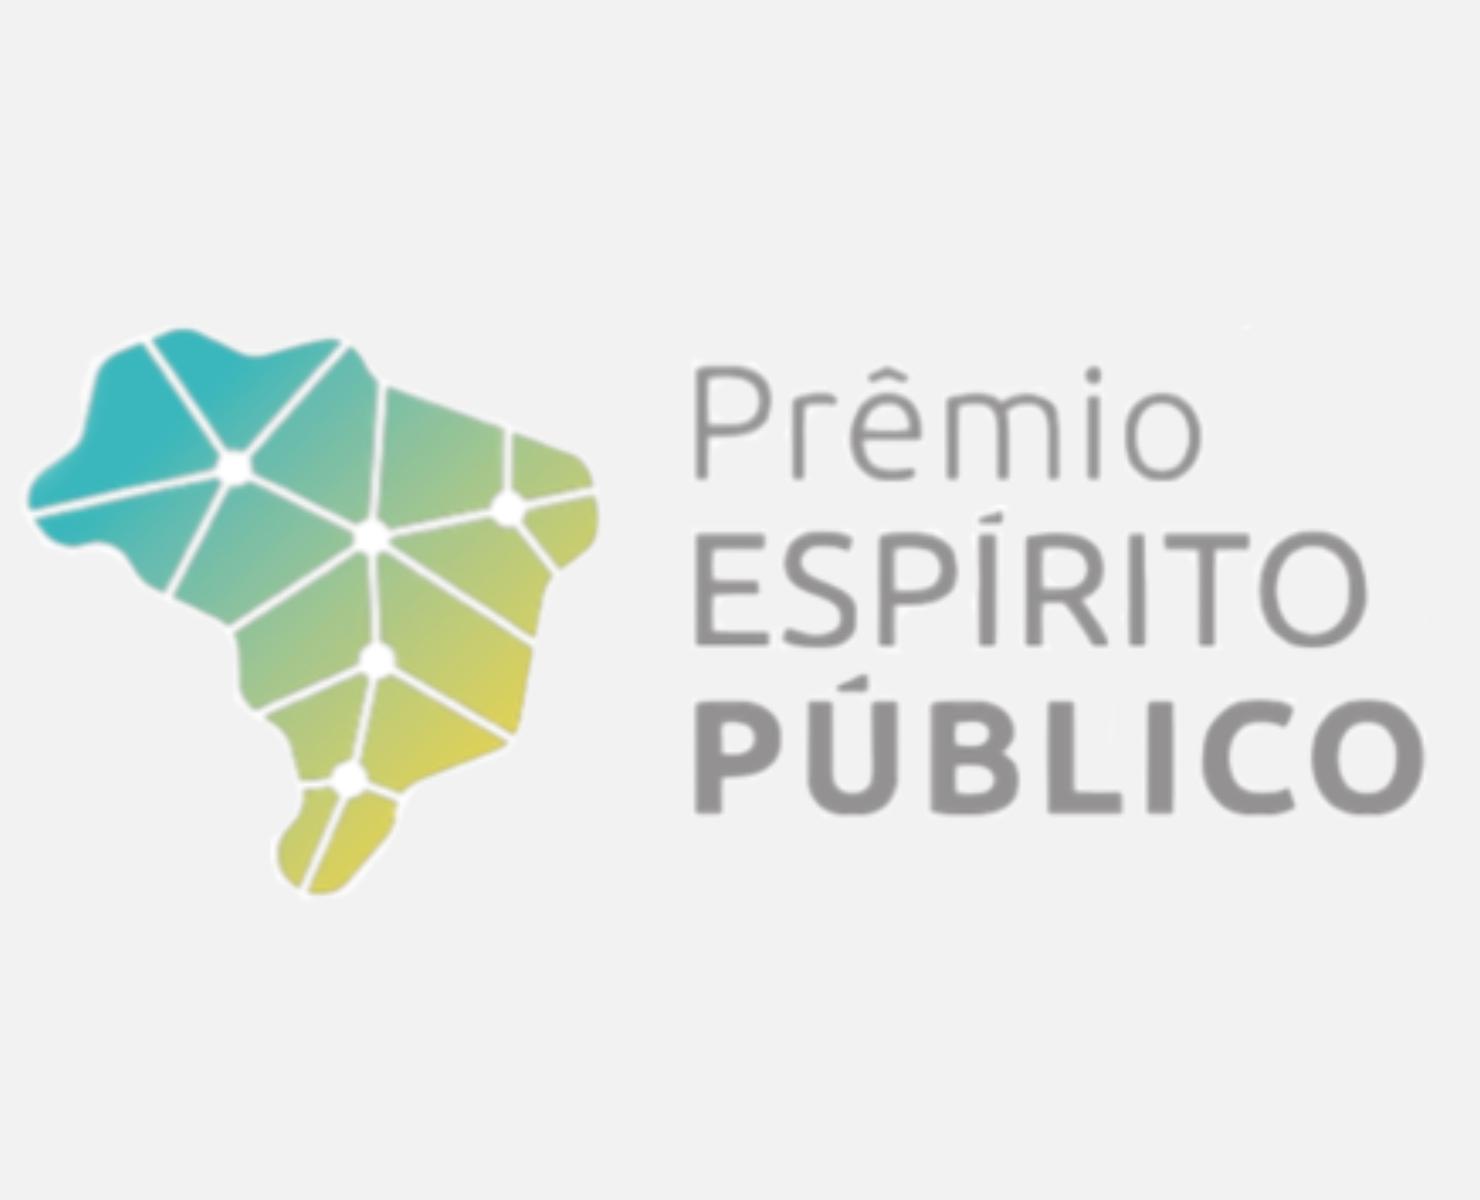 BRASIL: BONS SERVIDORES PÚBLICOS SERÃO PREMIADOS